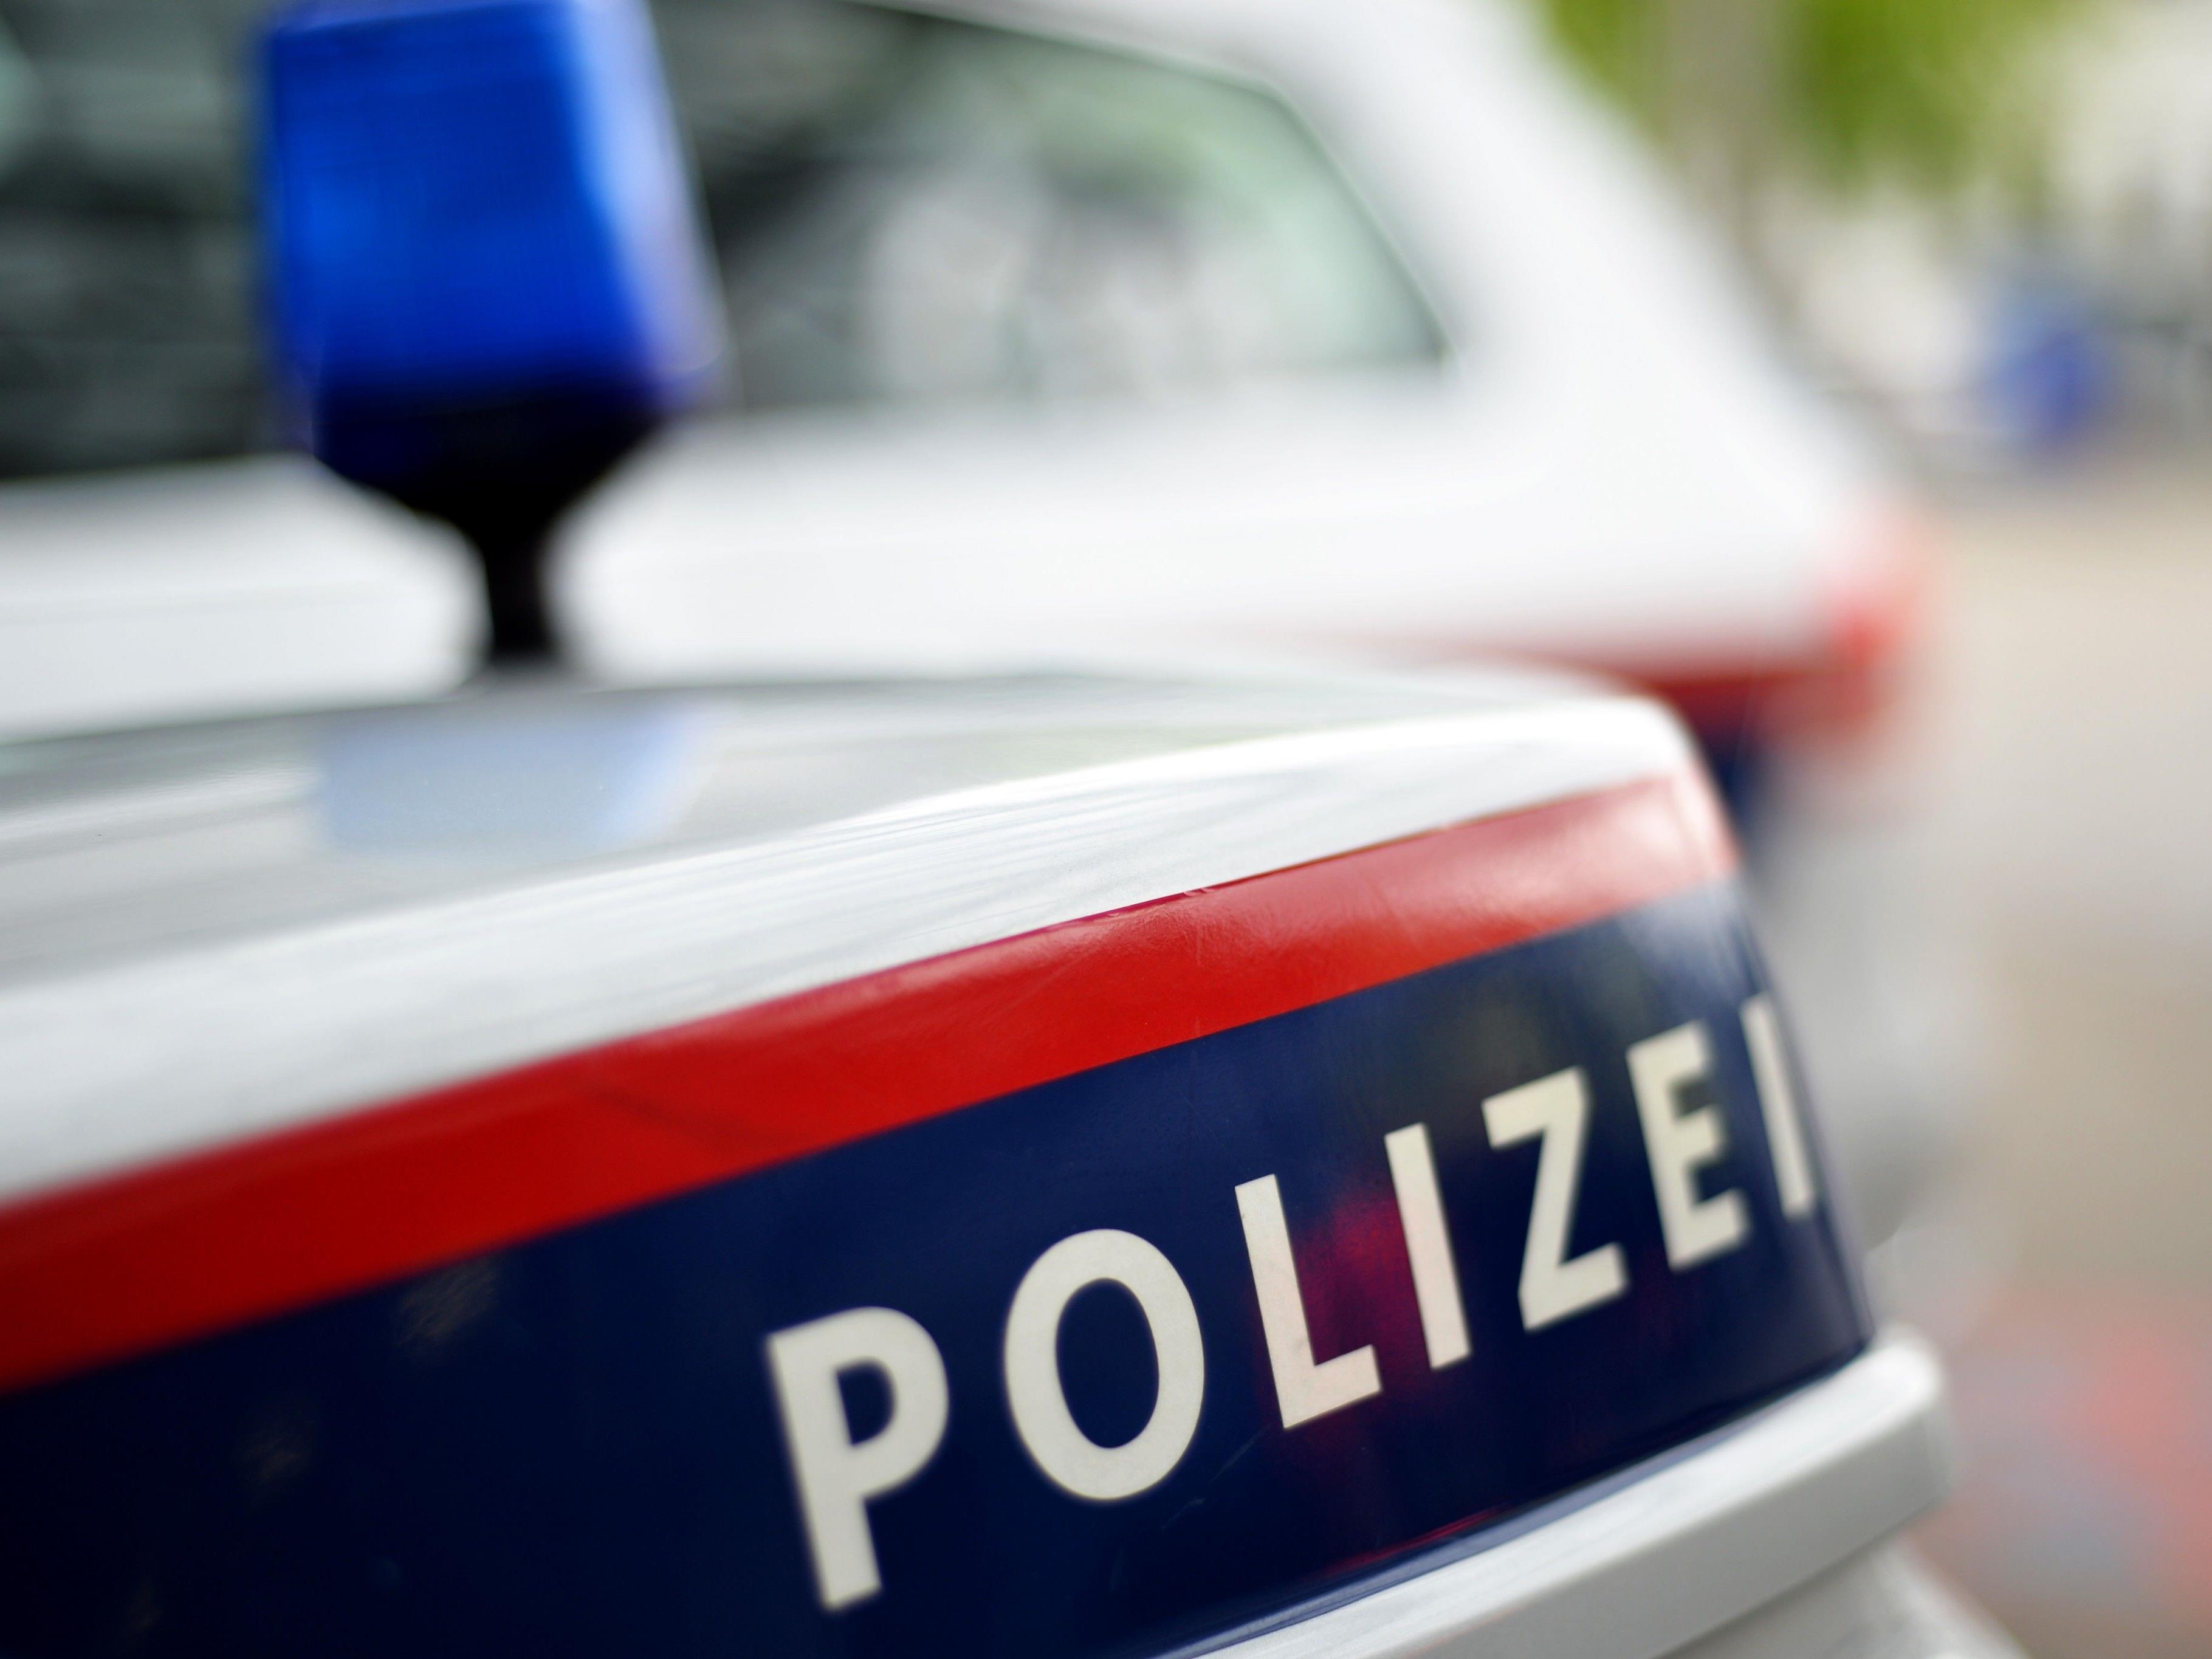 Die Polizei fahndet nach einem Mord nach einem Unbekannten.